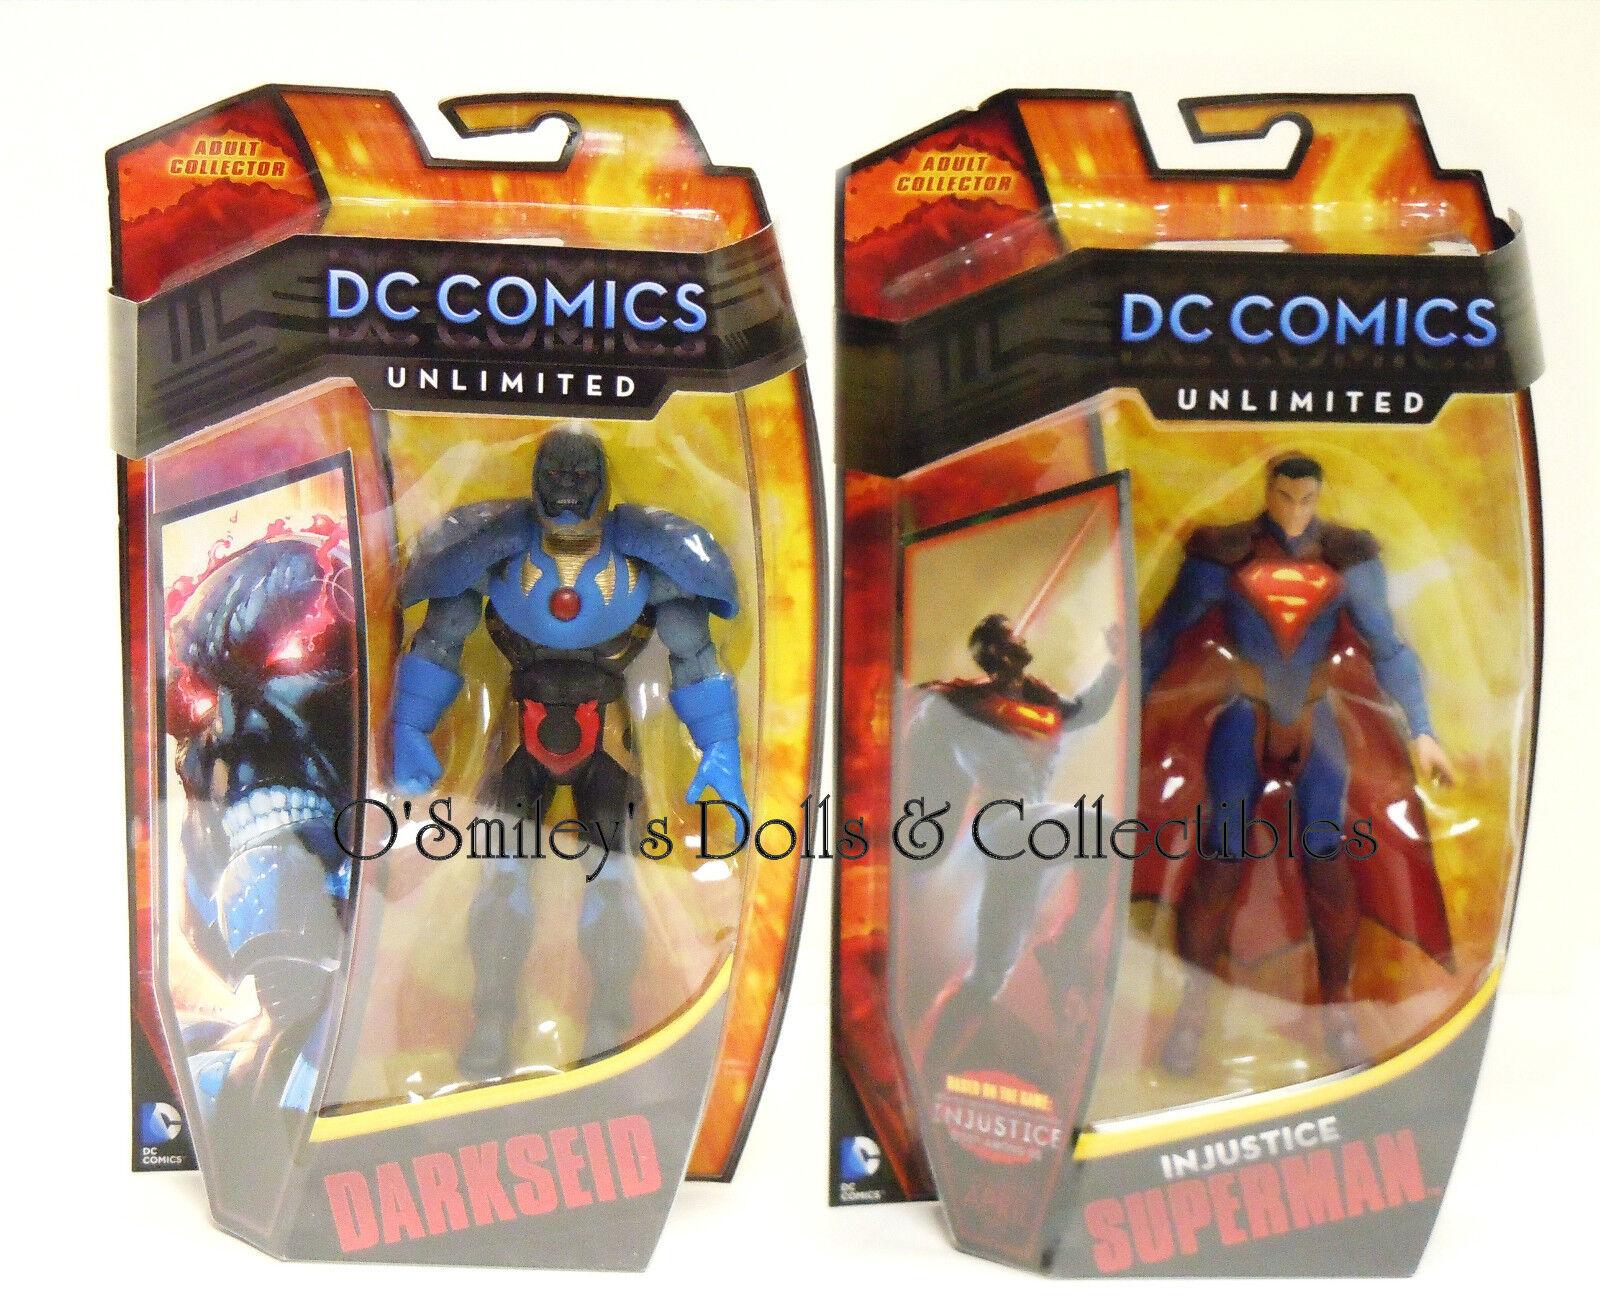 Dc comics unbegrenzte ungerechtigkeit götter unter uns superman & darkseid set_matty_sealed